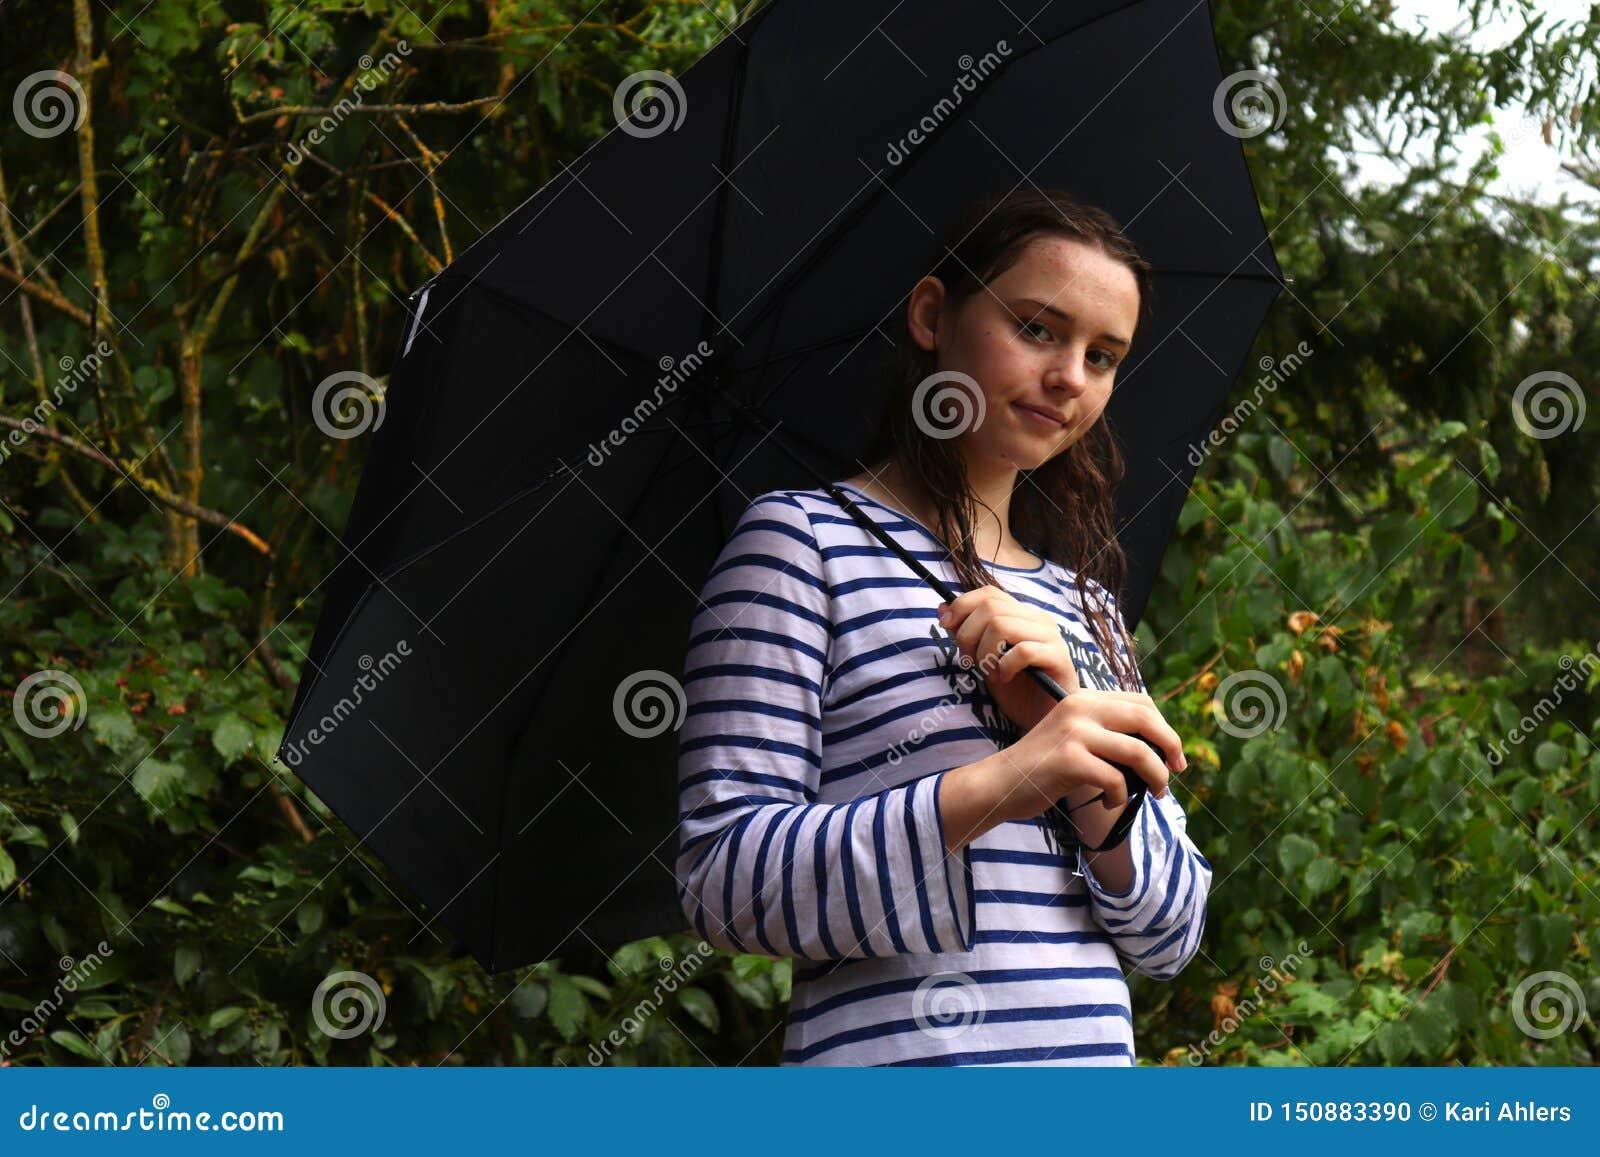 Position d adolescente sous un parapluie sous la pluie